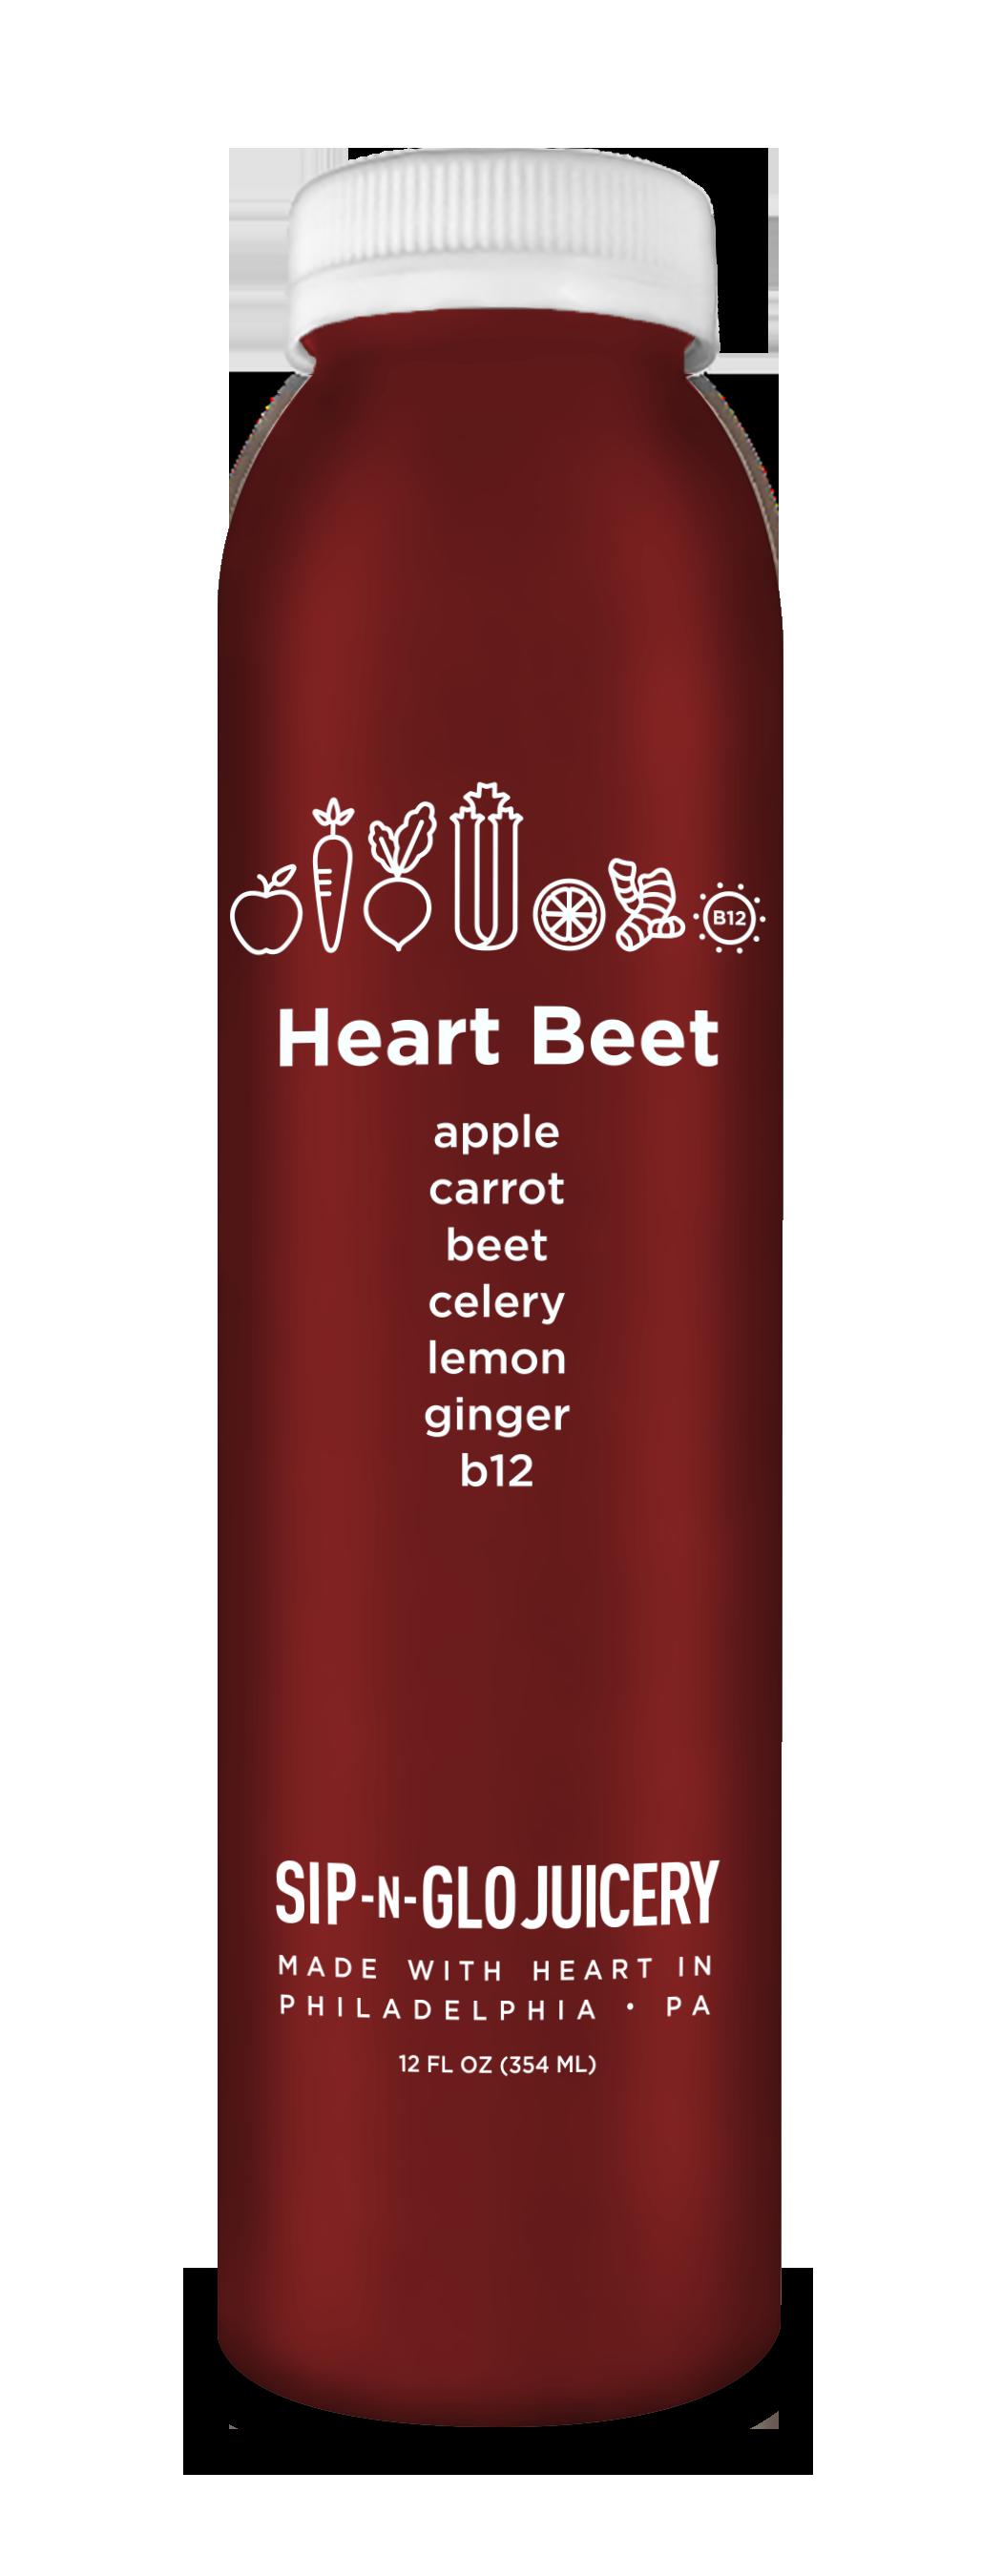 Sip-N-Glo Cold-Pressed Juice Heart Beet